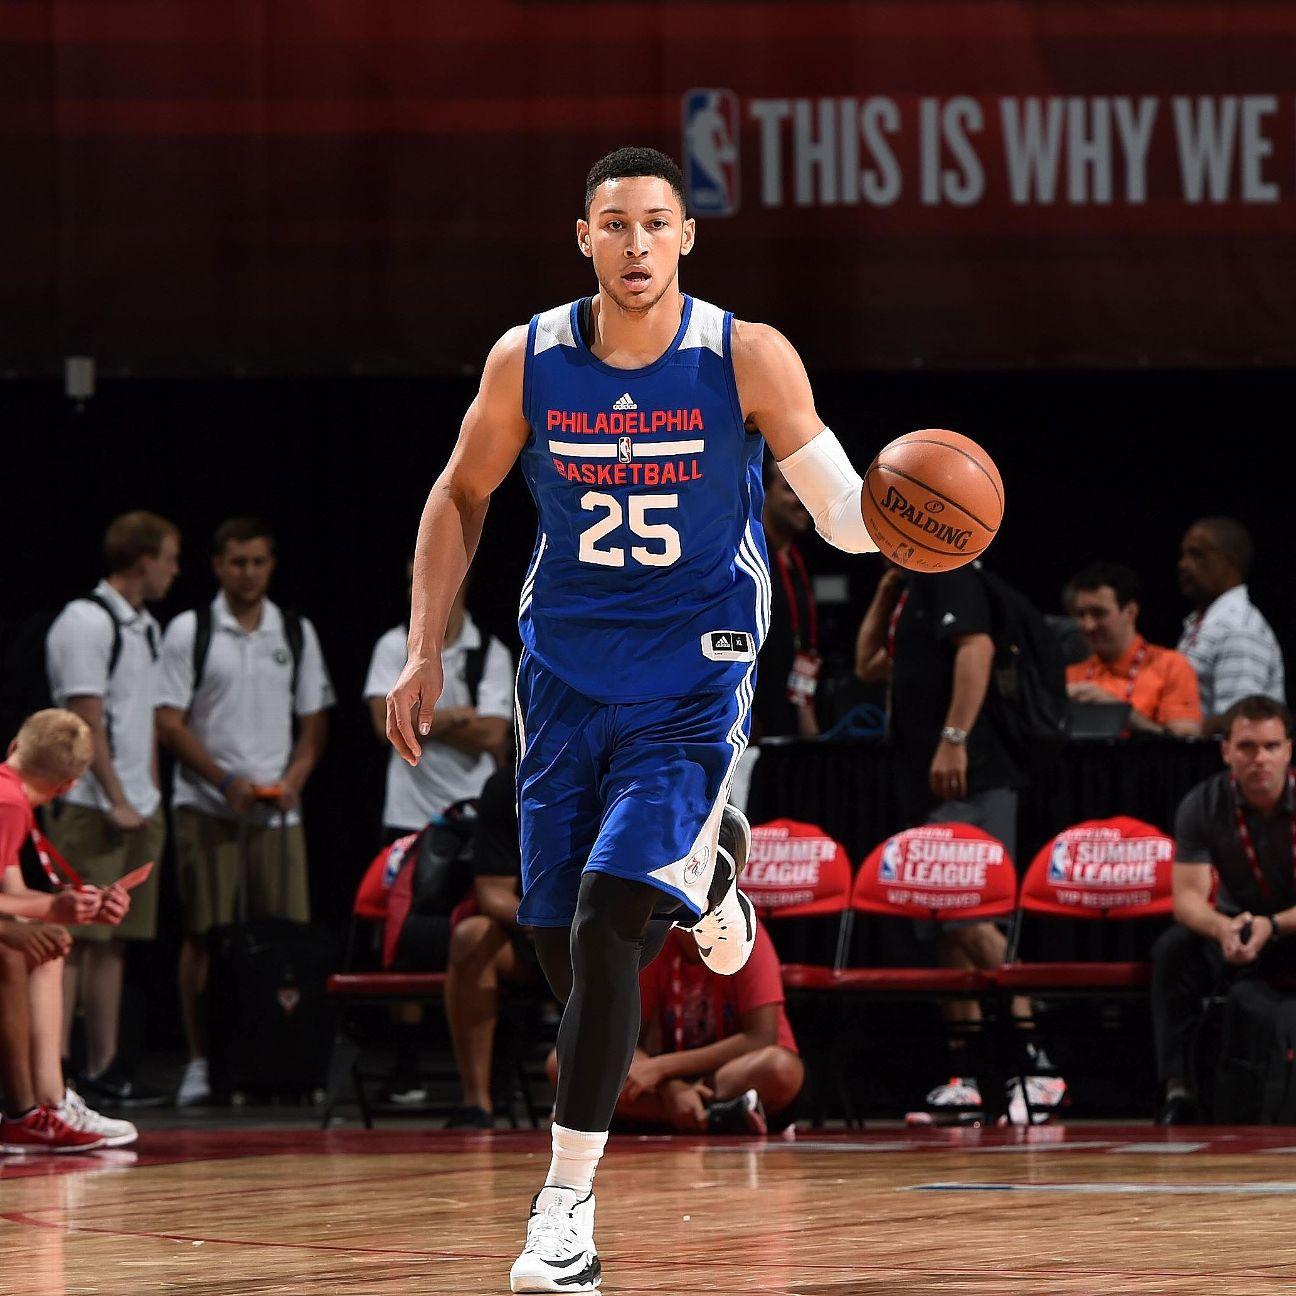 Dwyane Wade Workout: LeBron James, Dwyane Wade Work Out With Top NBA Draft Pick